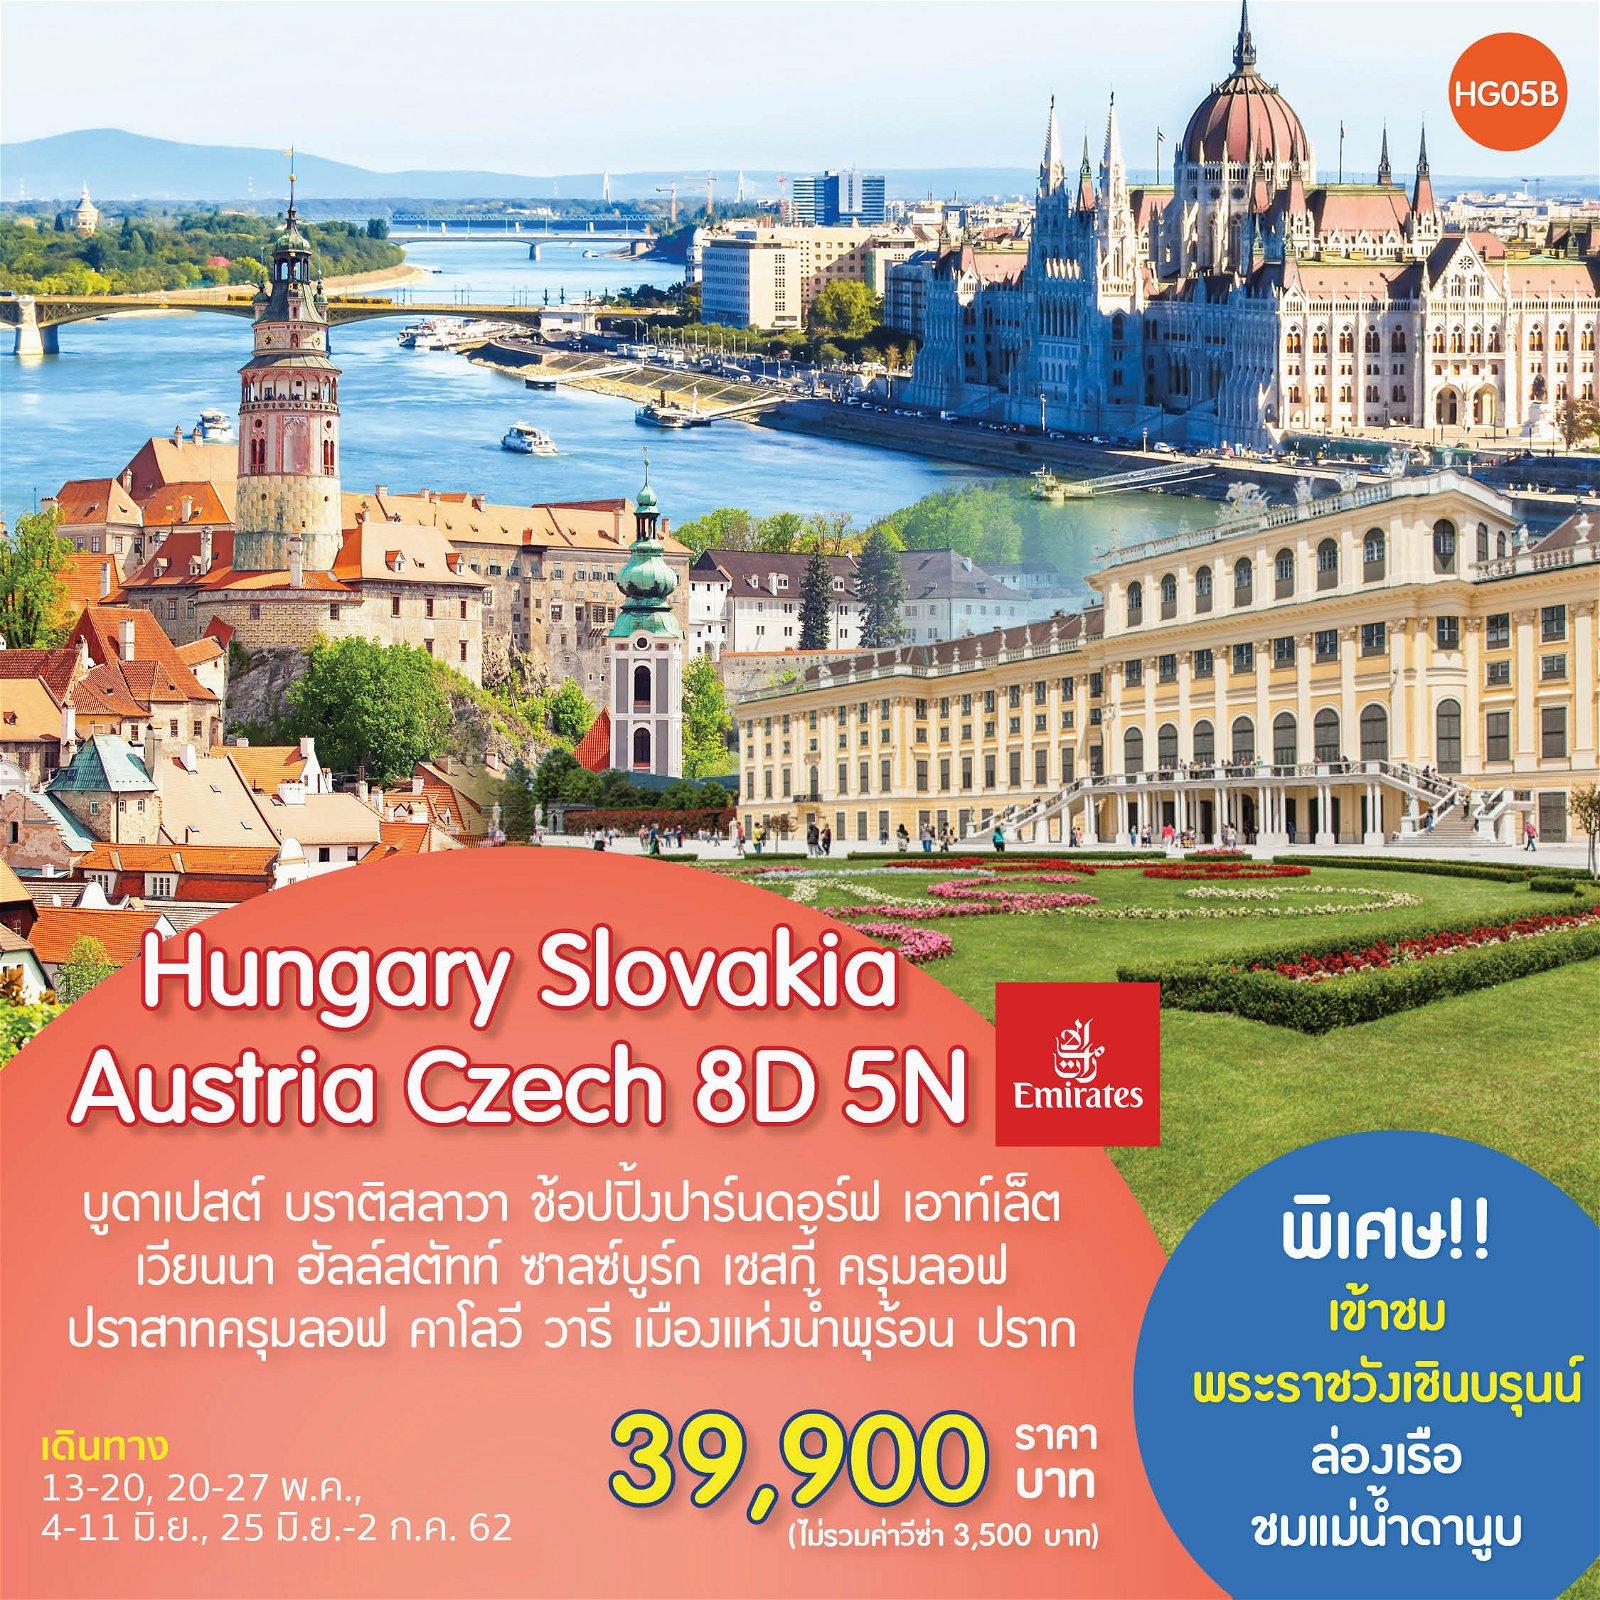 Hungary Slovakia Austria Czech 8 วัน 5 คืน